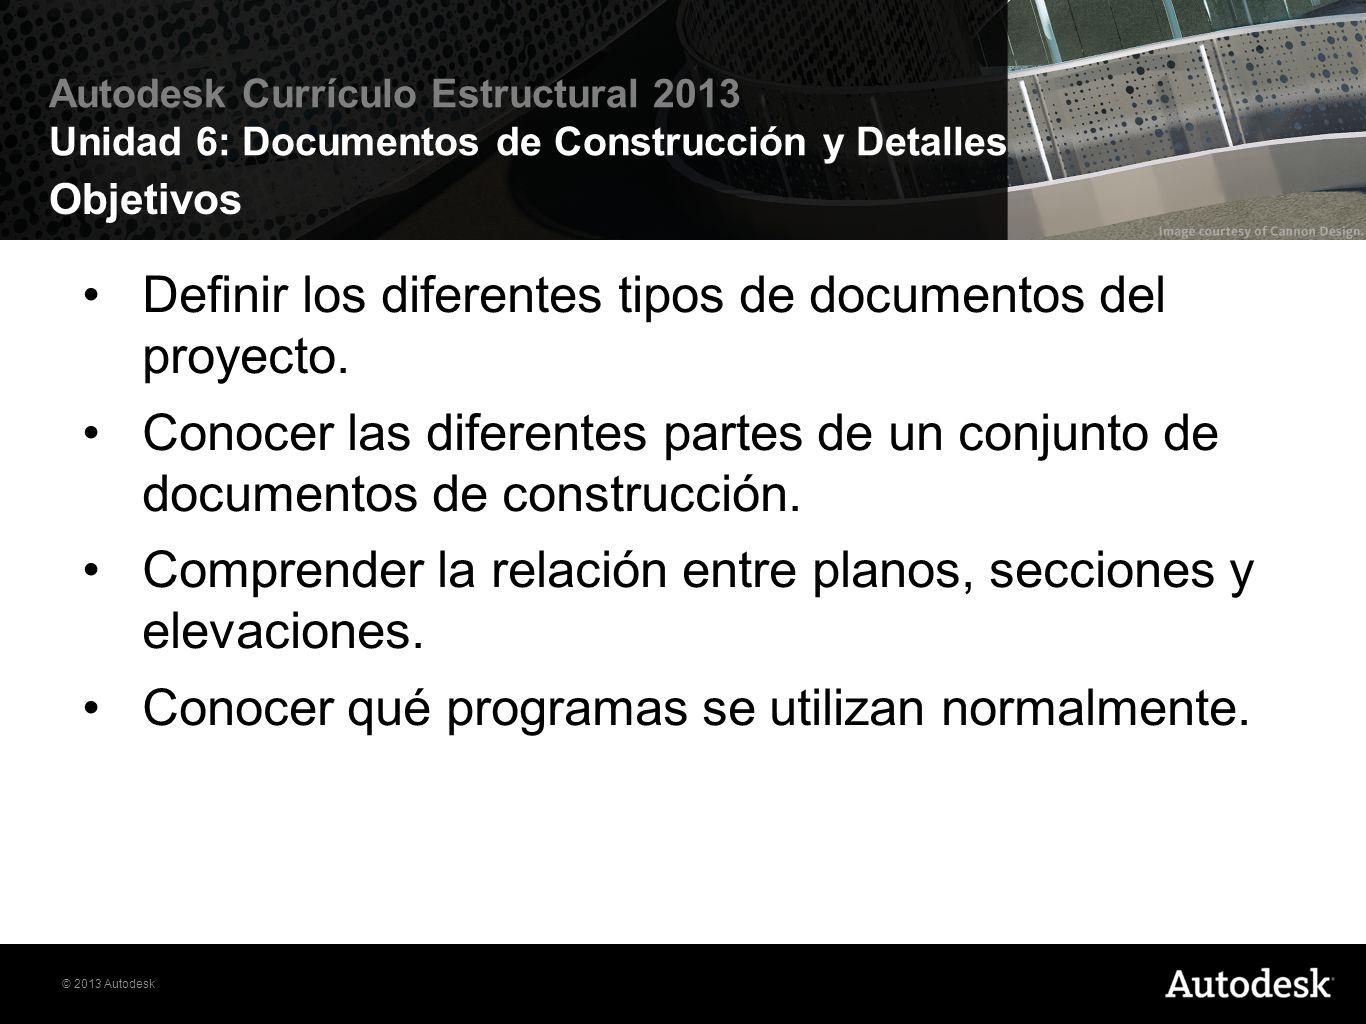 Definir los diferentes tipos de documentos del proyecto.